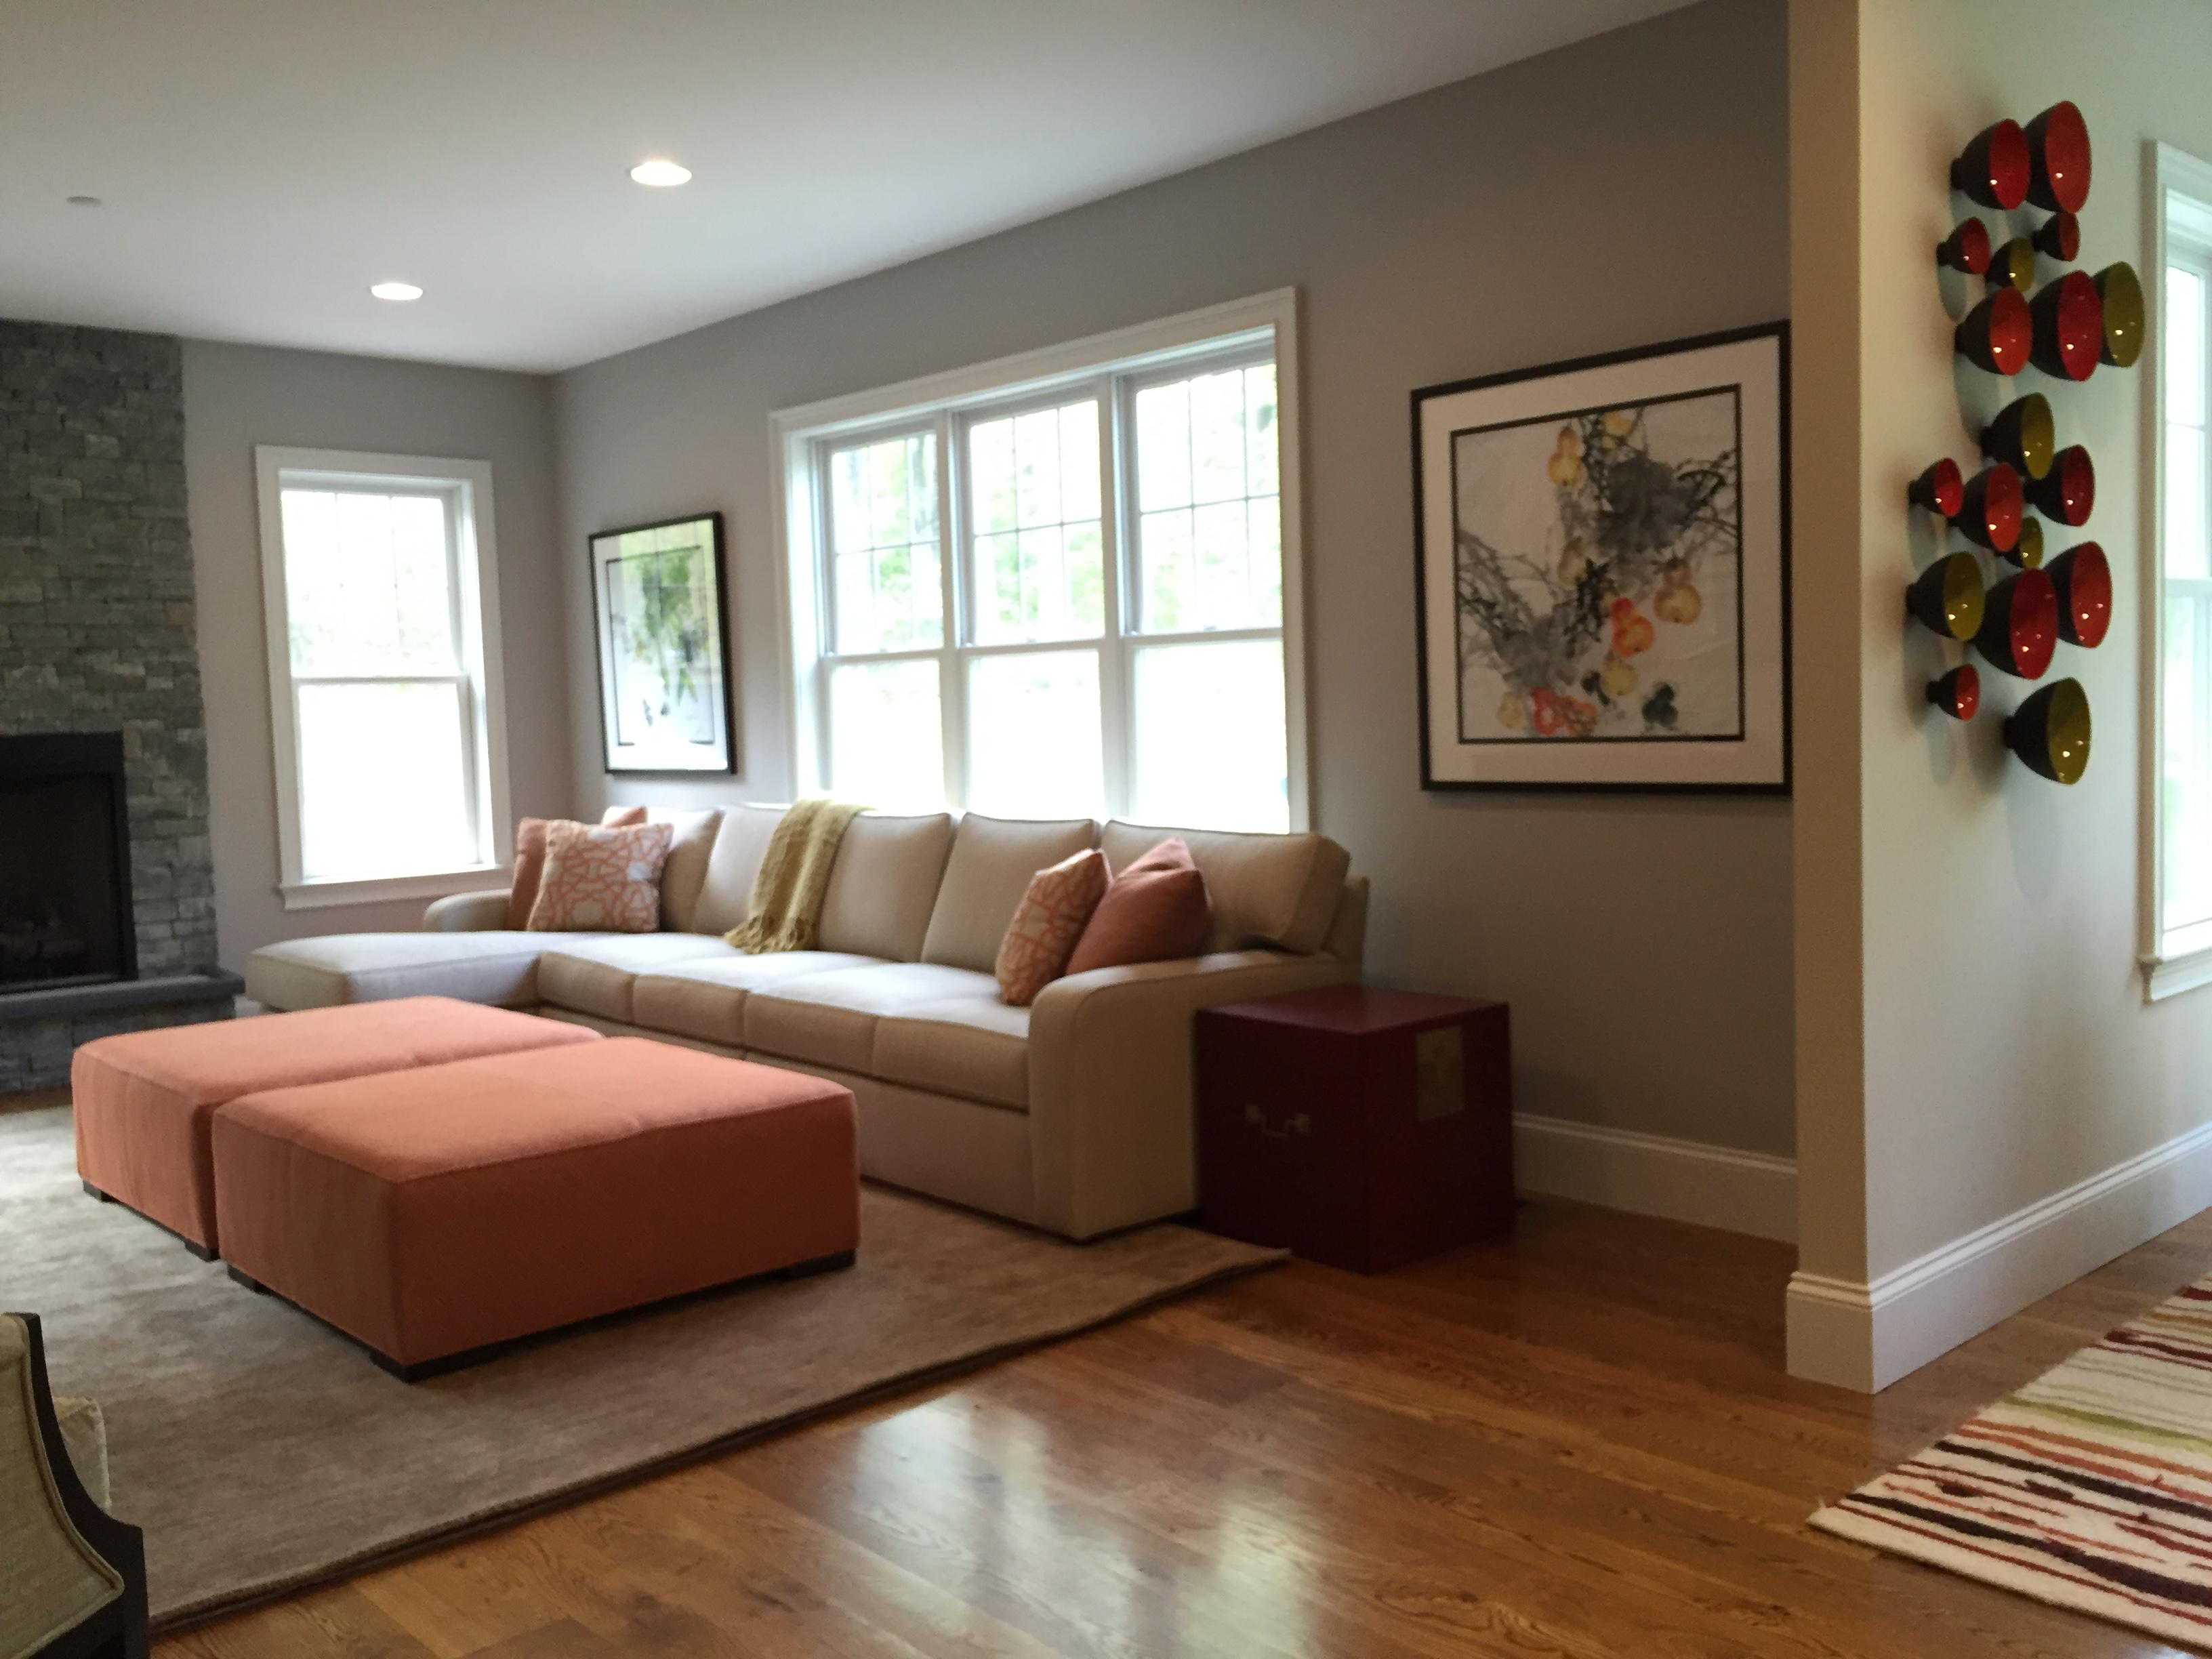 Allison Ducharme Interior Design In Pelham Nh 978 761 6